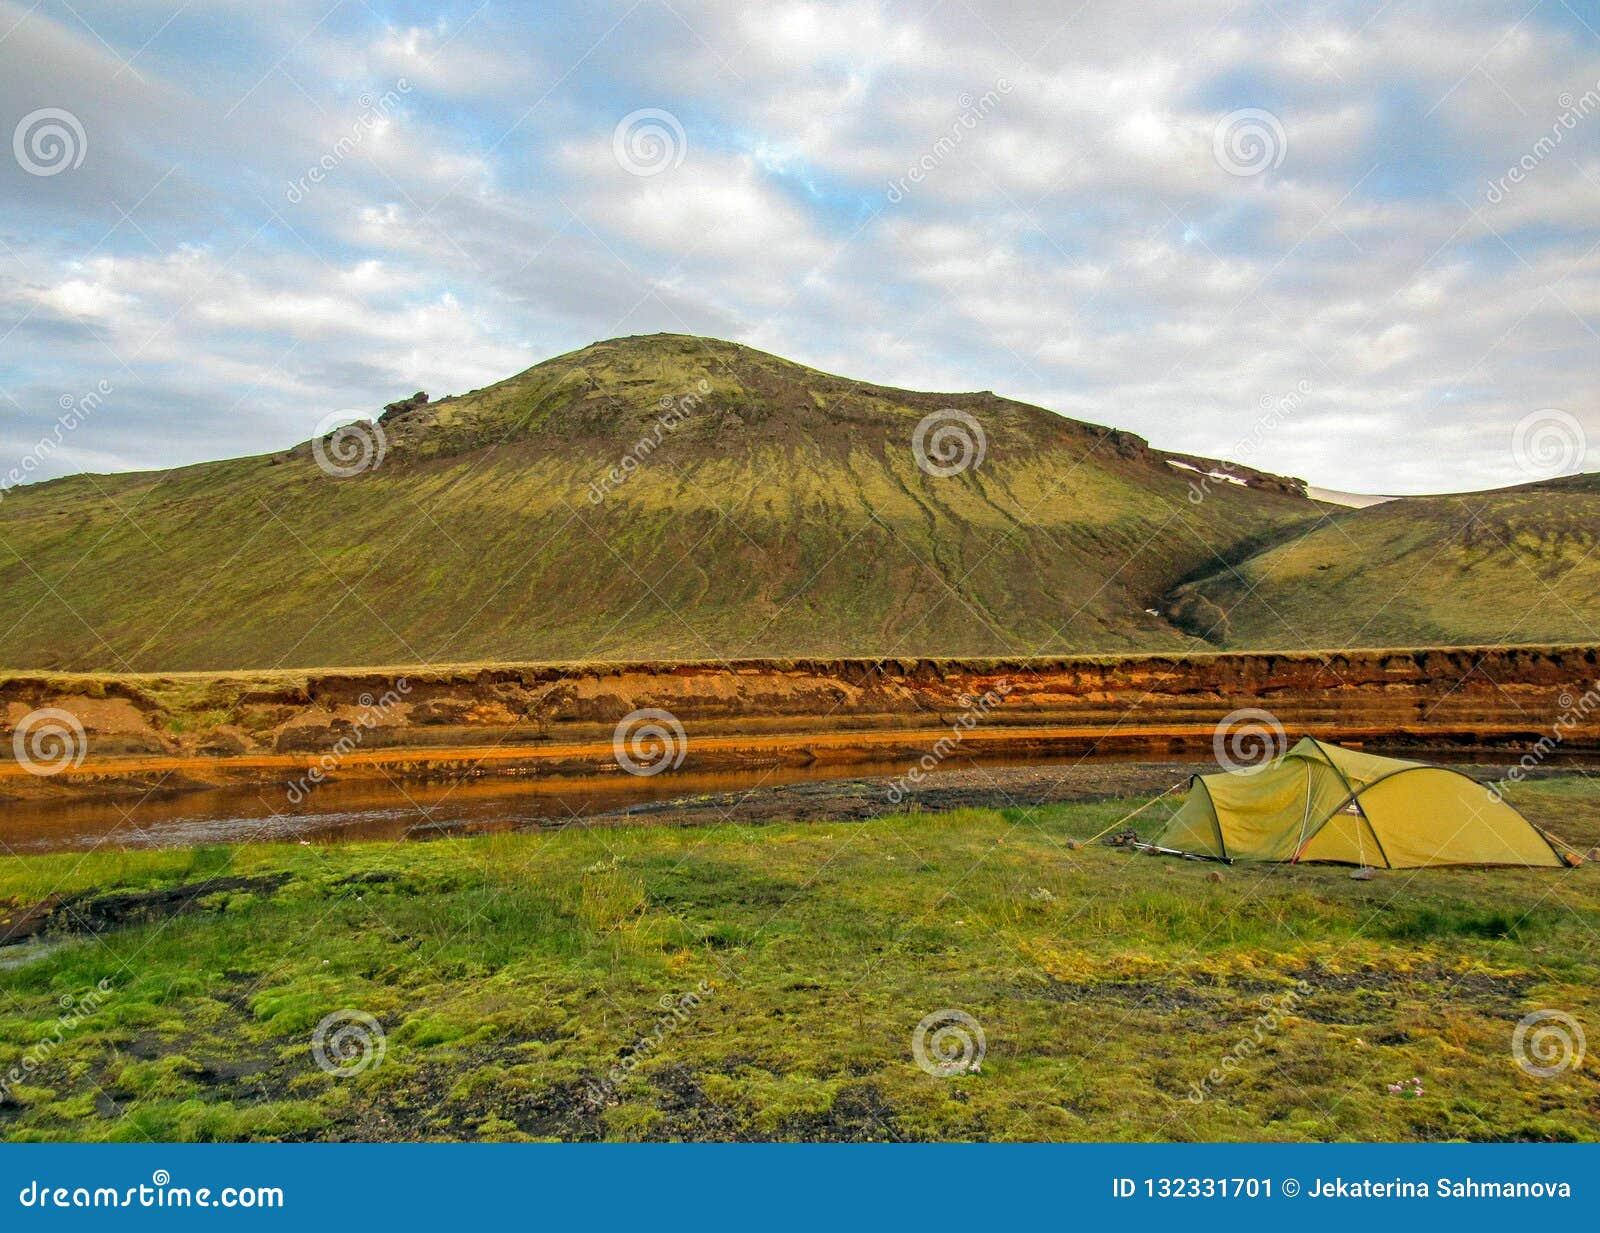 Zielony namiot upadał obok rzeki z zieloną górą w tle, Alftavatn campsite, Laugavegur, Iceland